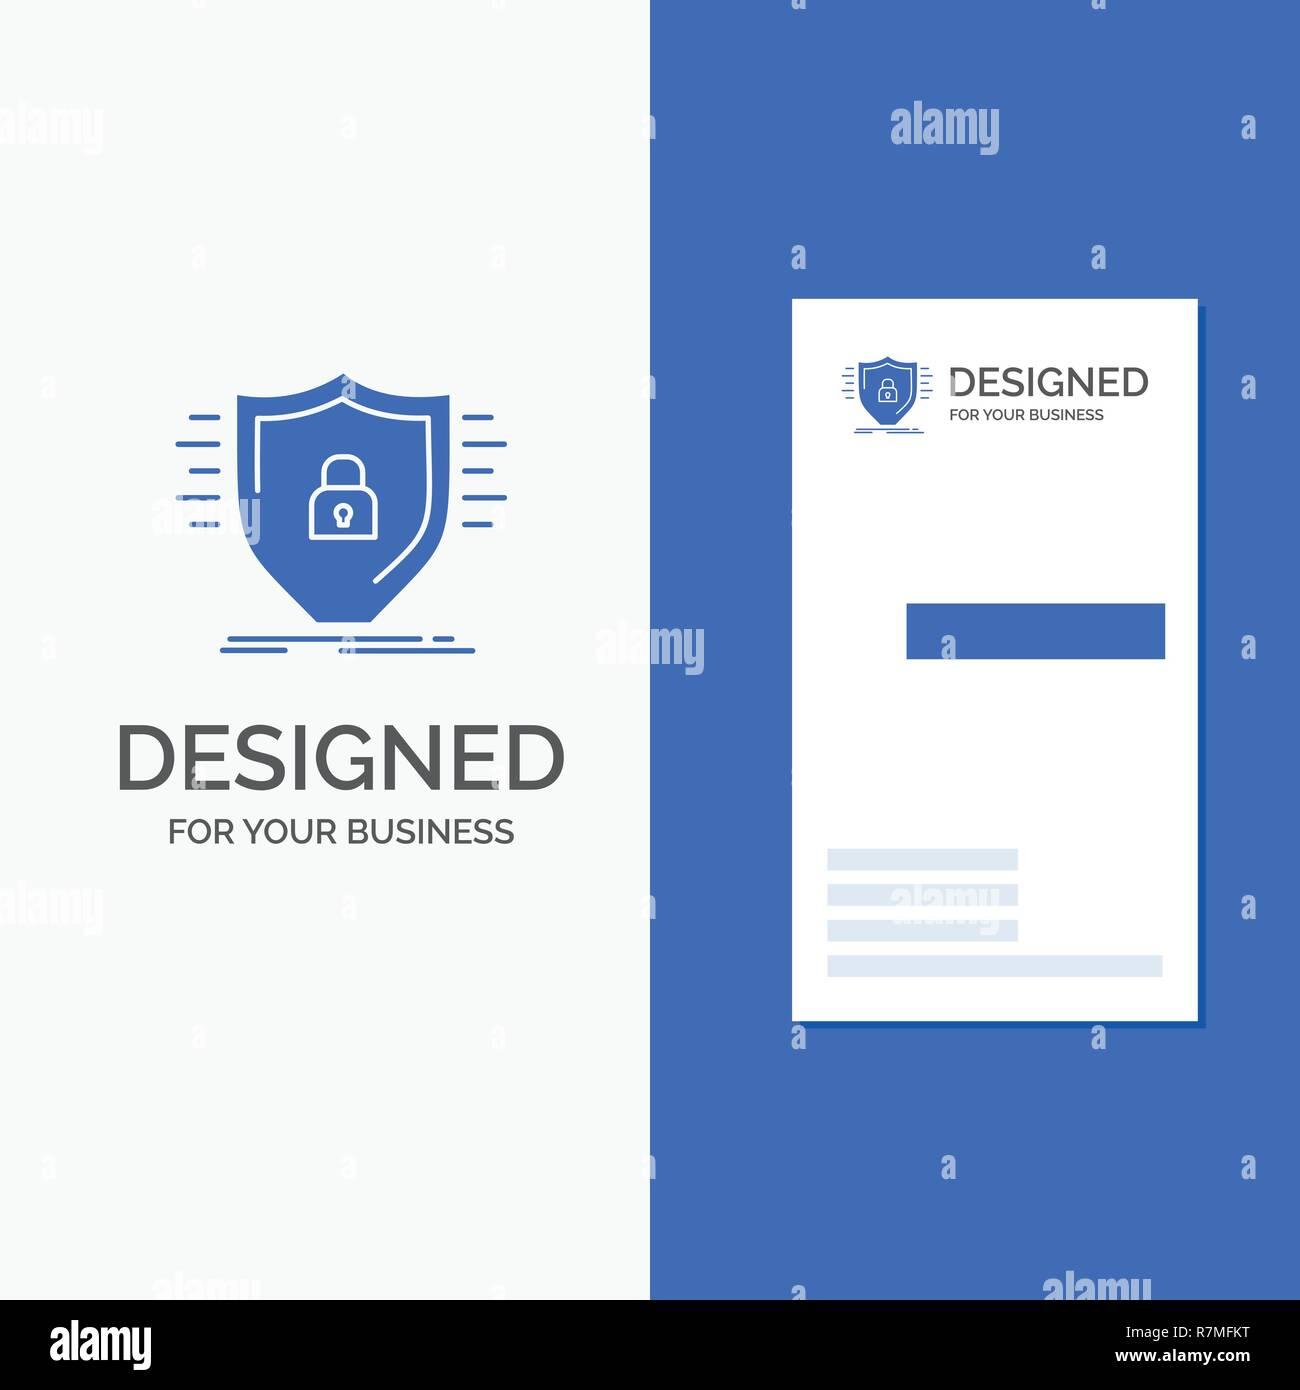 Business Logo für Verteidigung, Firewall, Schutz, Sicherheit, Schild. Vertikale blaue Business/Visitenkarte vorlage. Stock Vektor